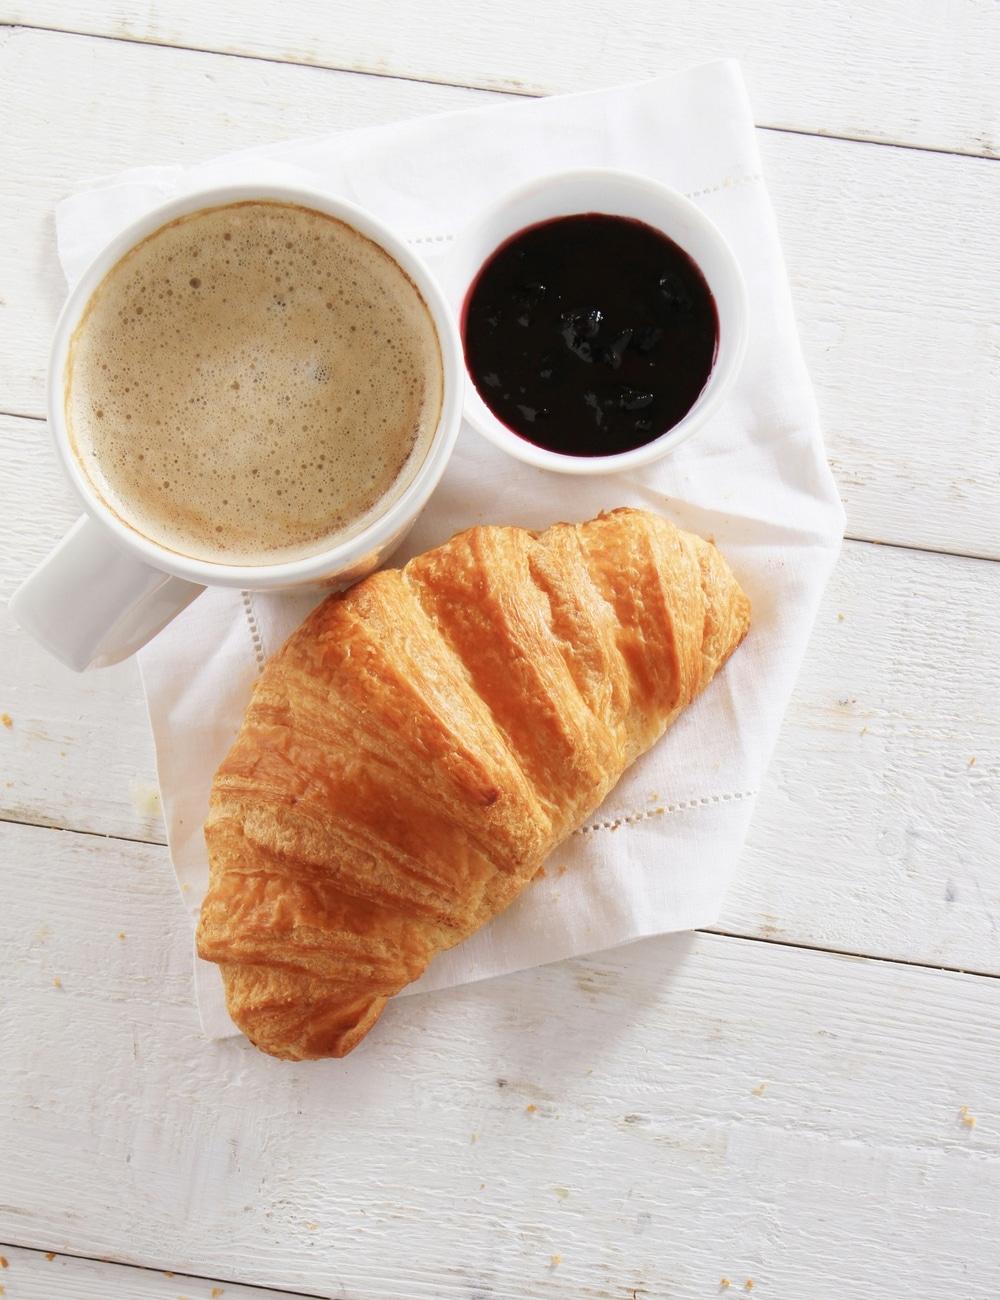 croissant, coffee, good morning, stå tidligt op, motivation